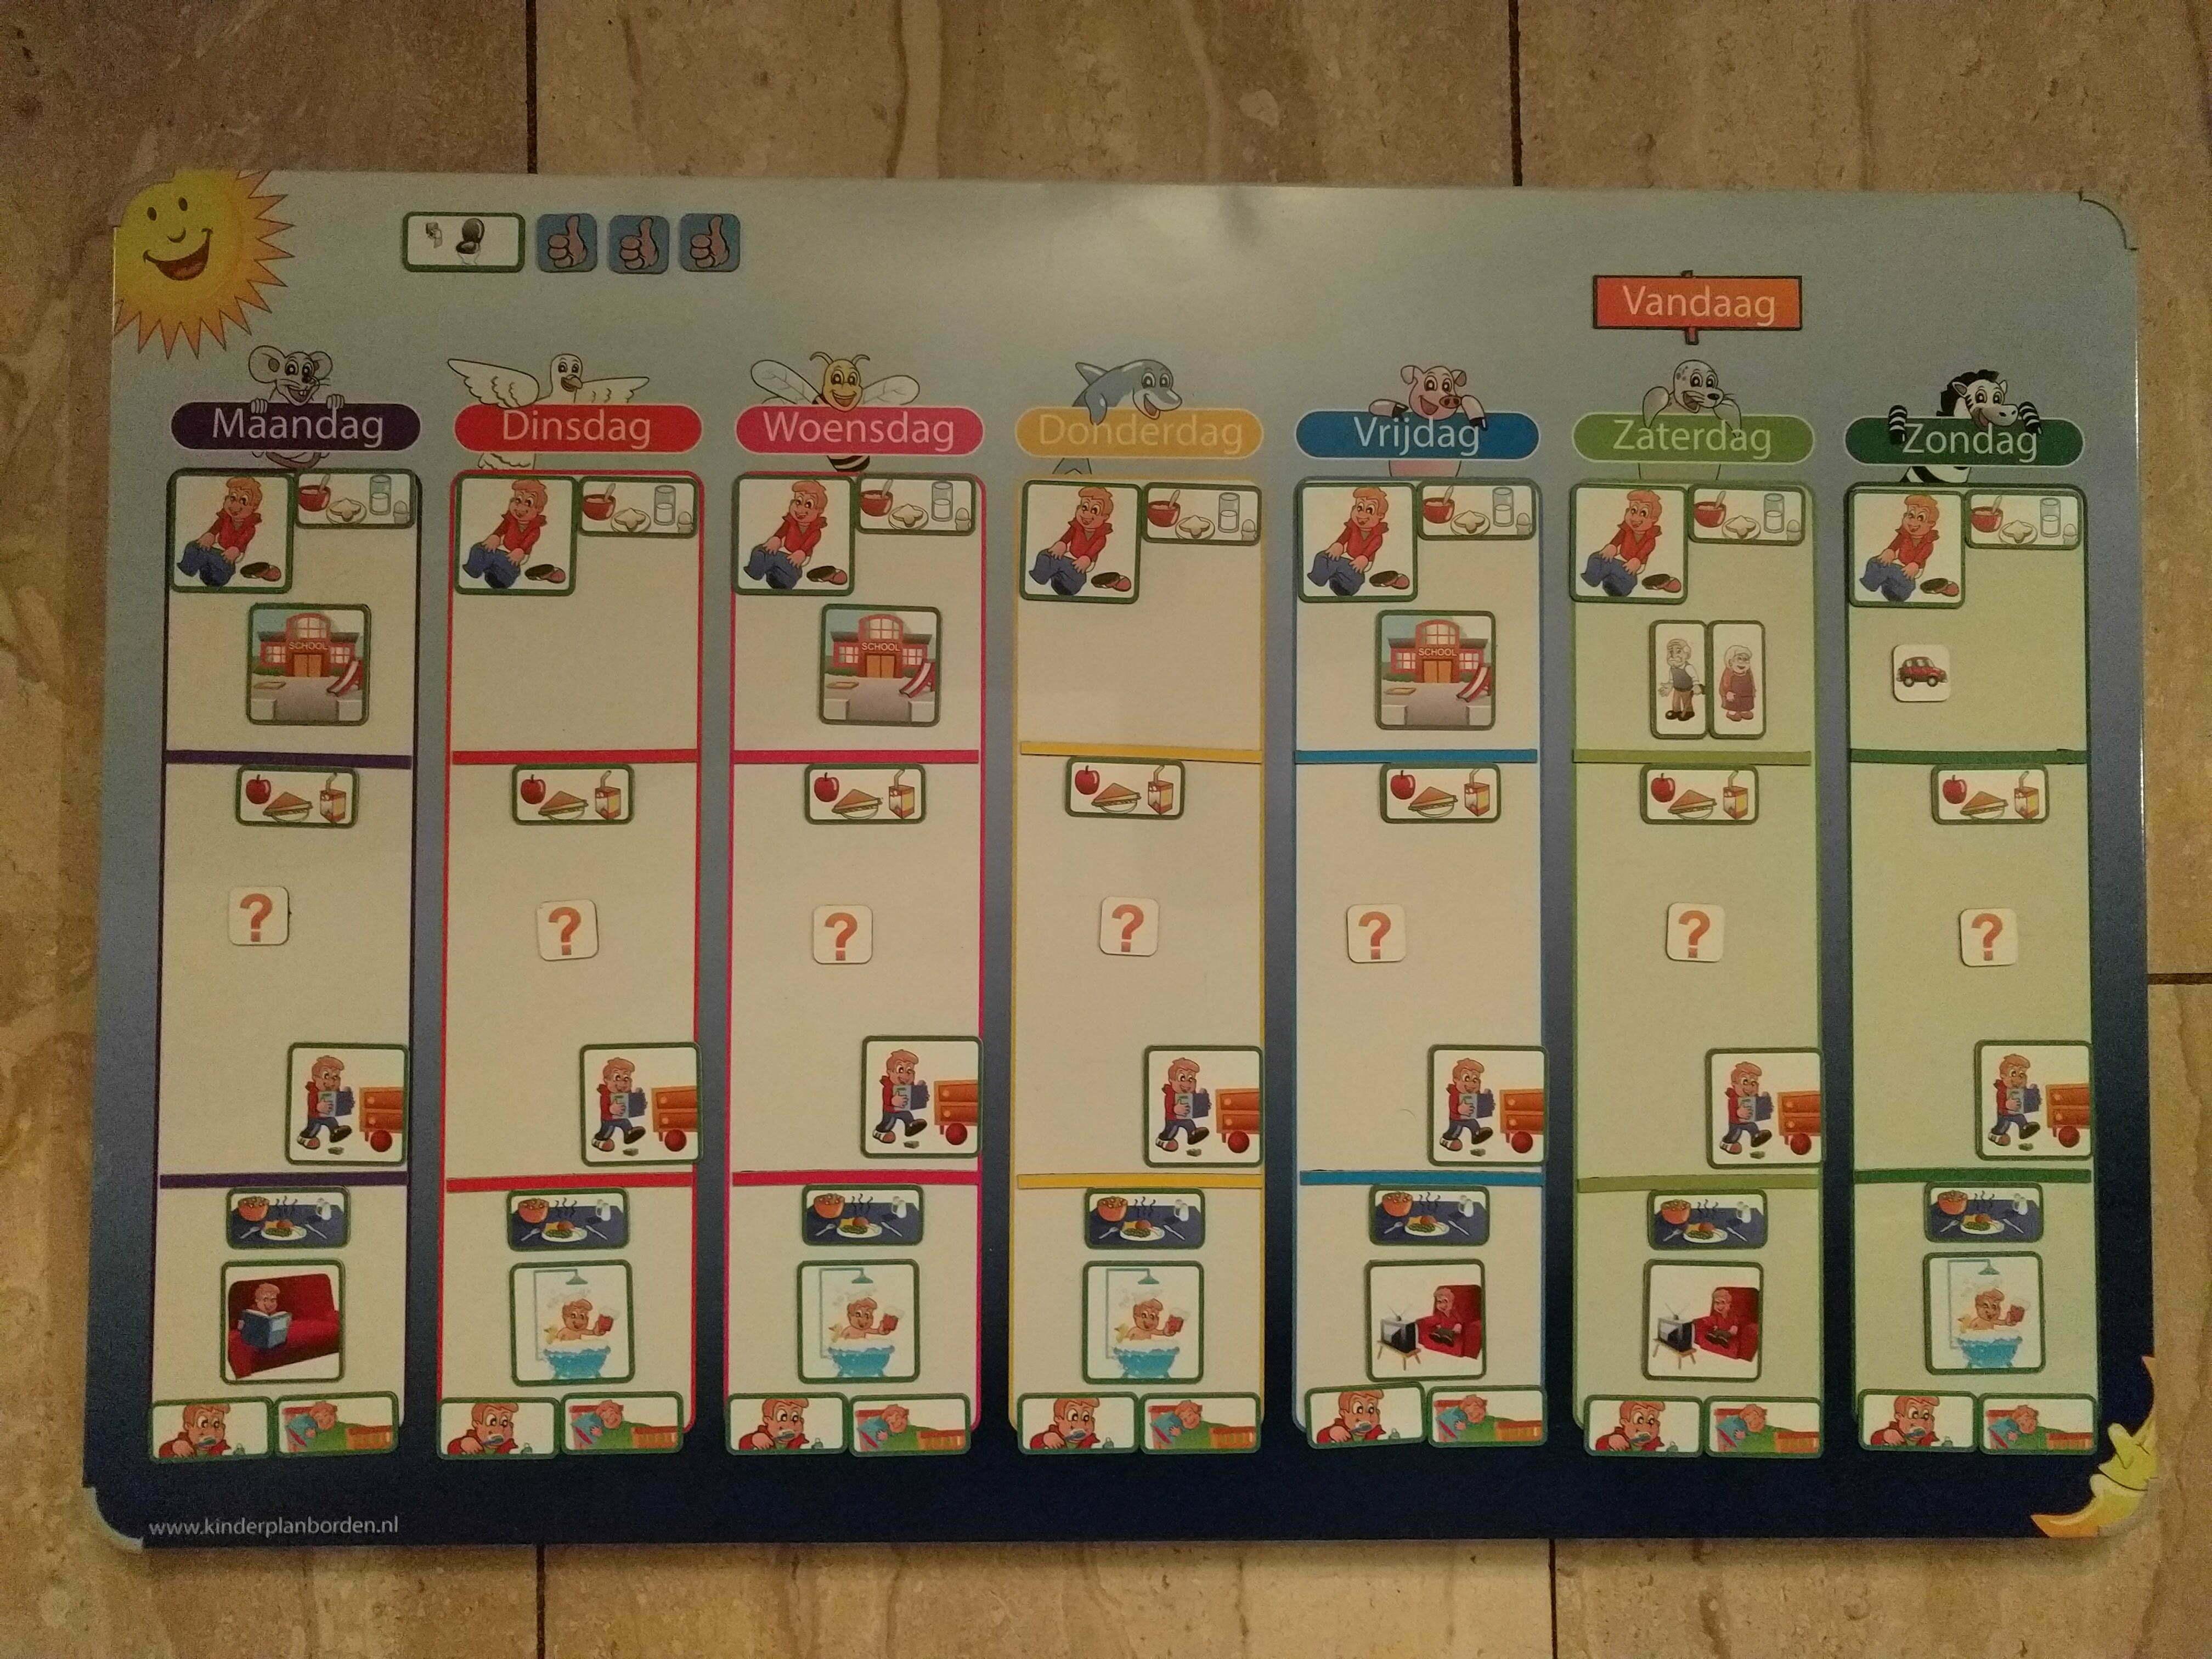 Top Planbord en dagritme kaarten, waarom en hoe te gebruiken - Moeders.nu DT18